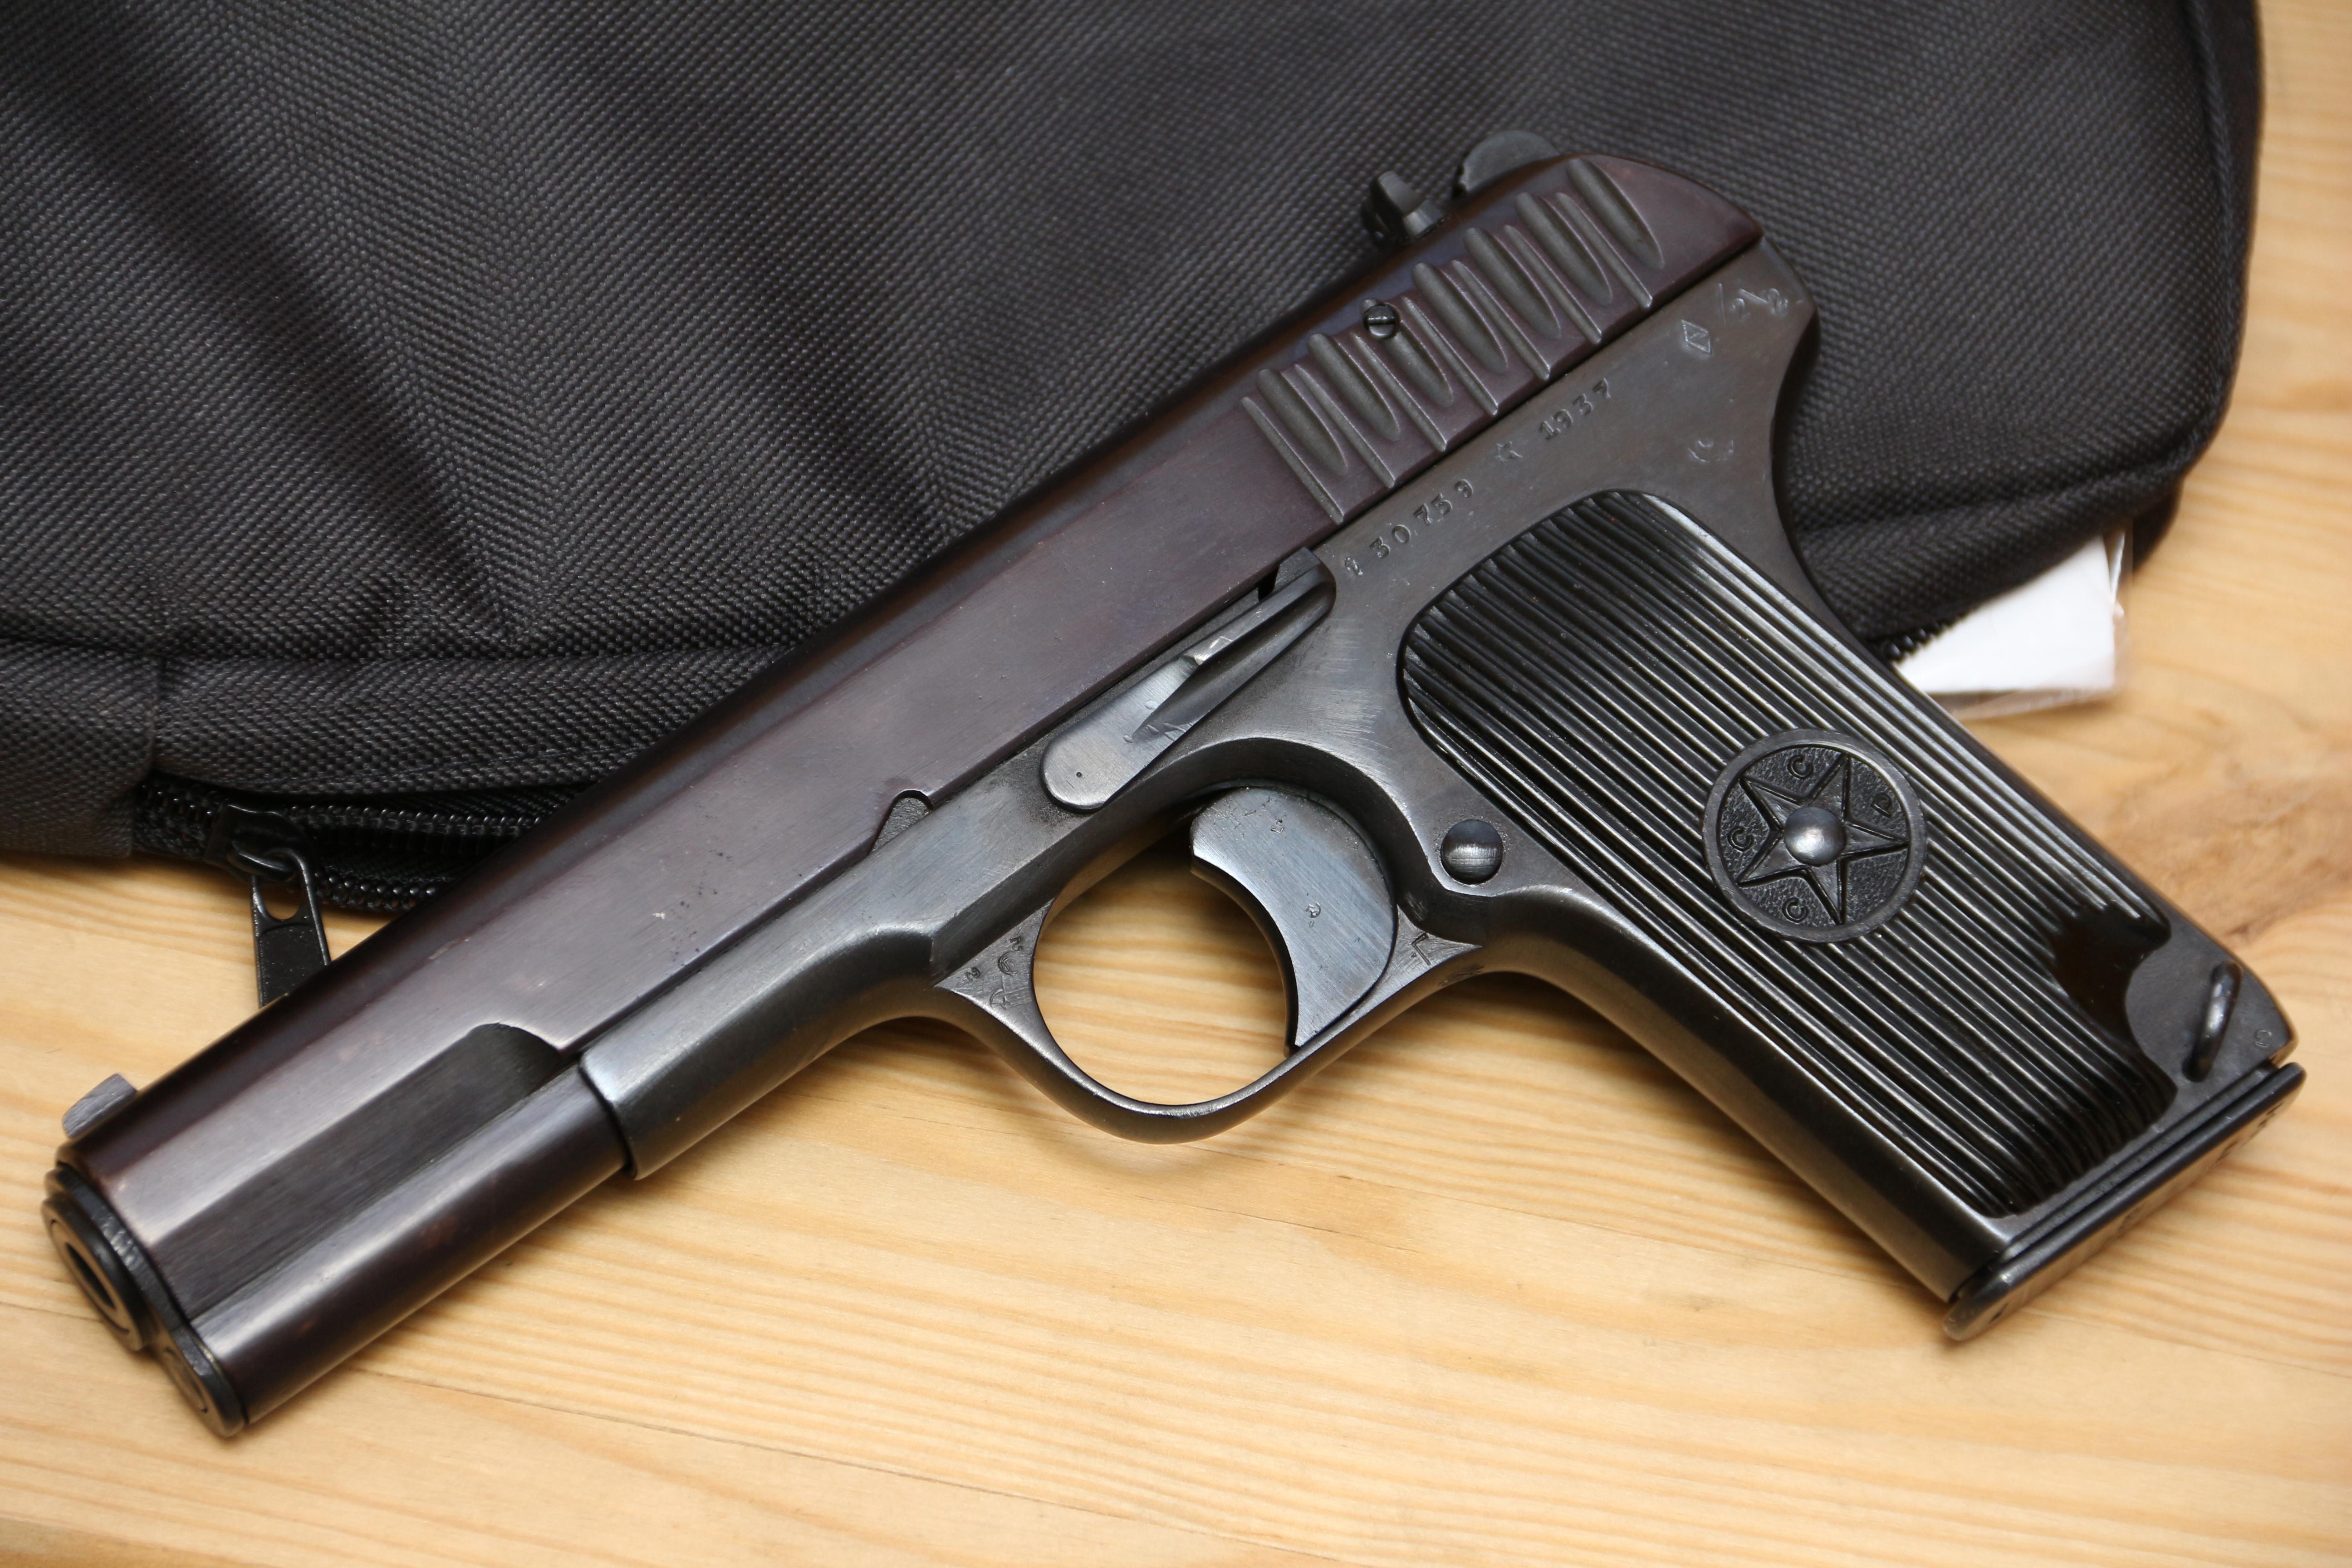 Фото Охолощенный пистолет ТТ-СХ 1937 года, №30759, красный затвор